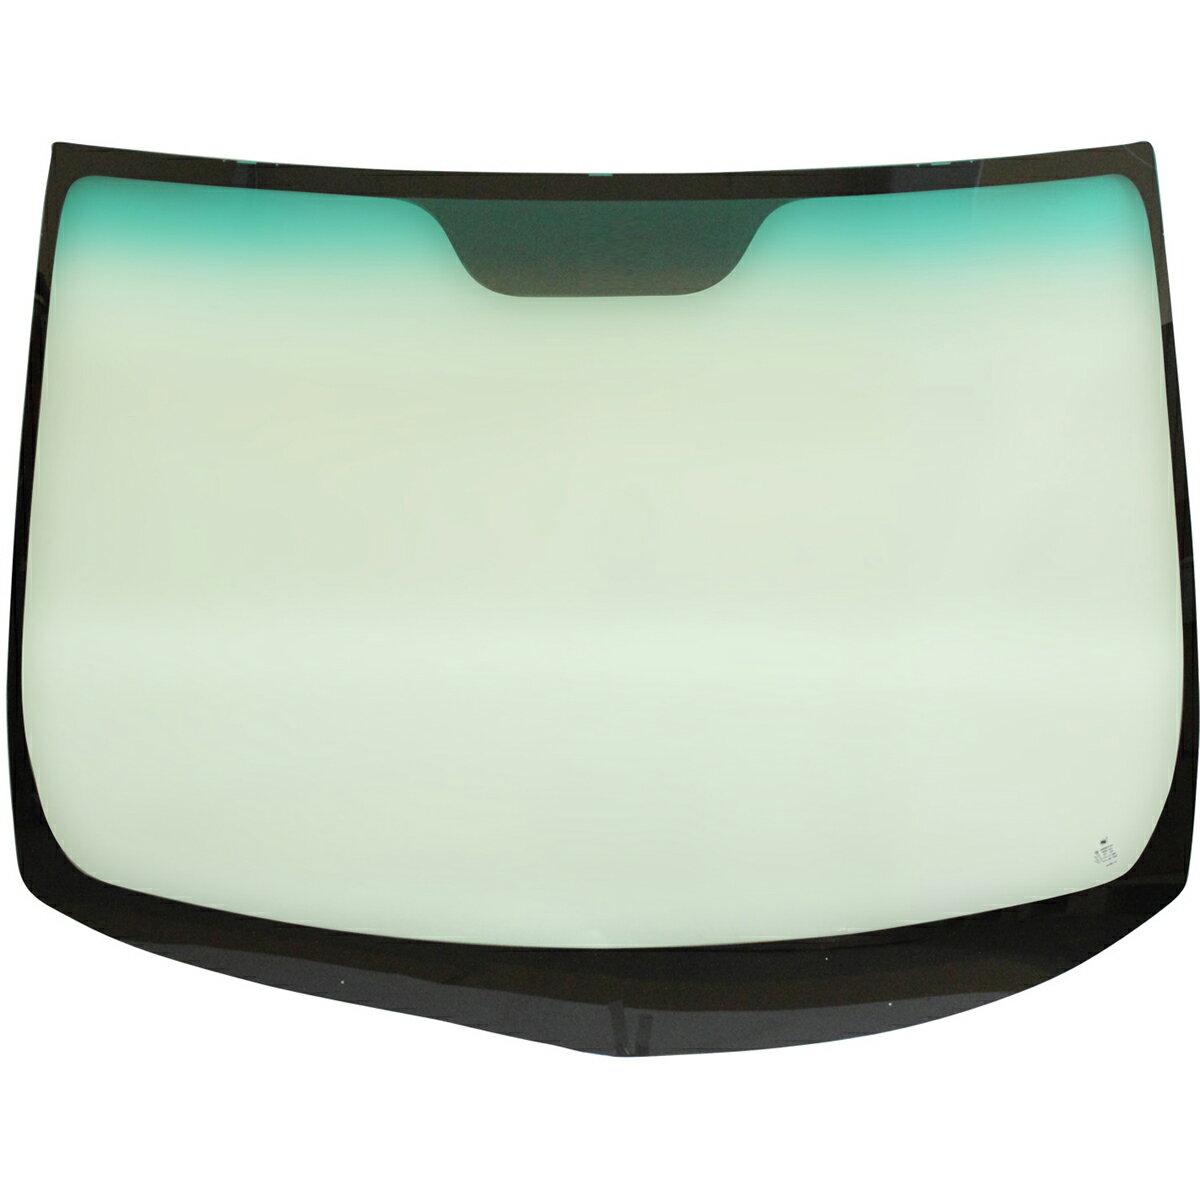 スズキ スプラッシュ 5D HB用フロントガラス 車両型式:XB32系 年式:H.20.10-H.26.8 ガラス型式:YV1M ガラス色:グリーン ボカシ:グリーン